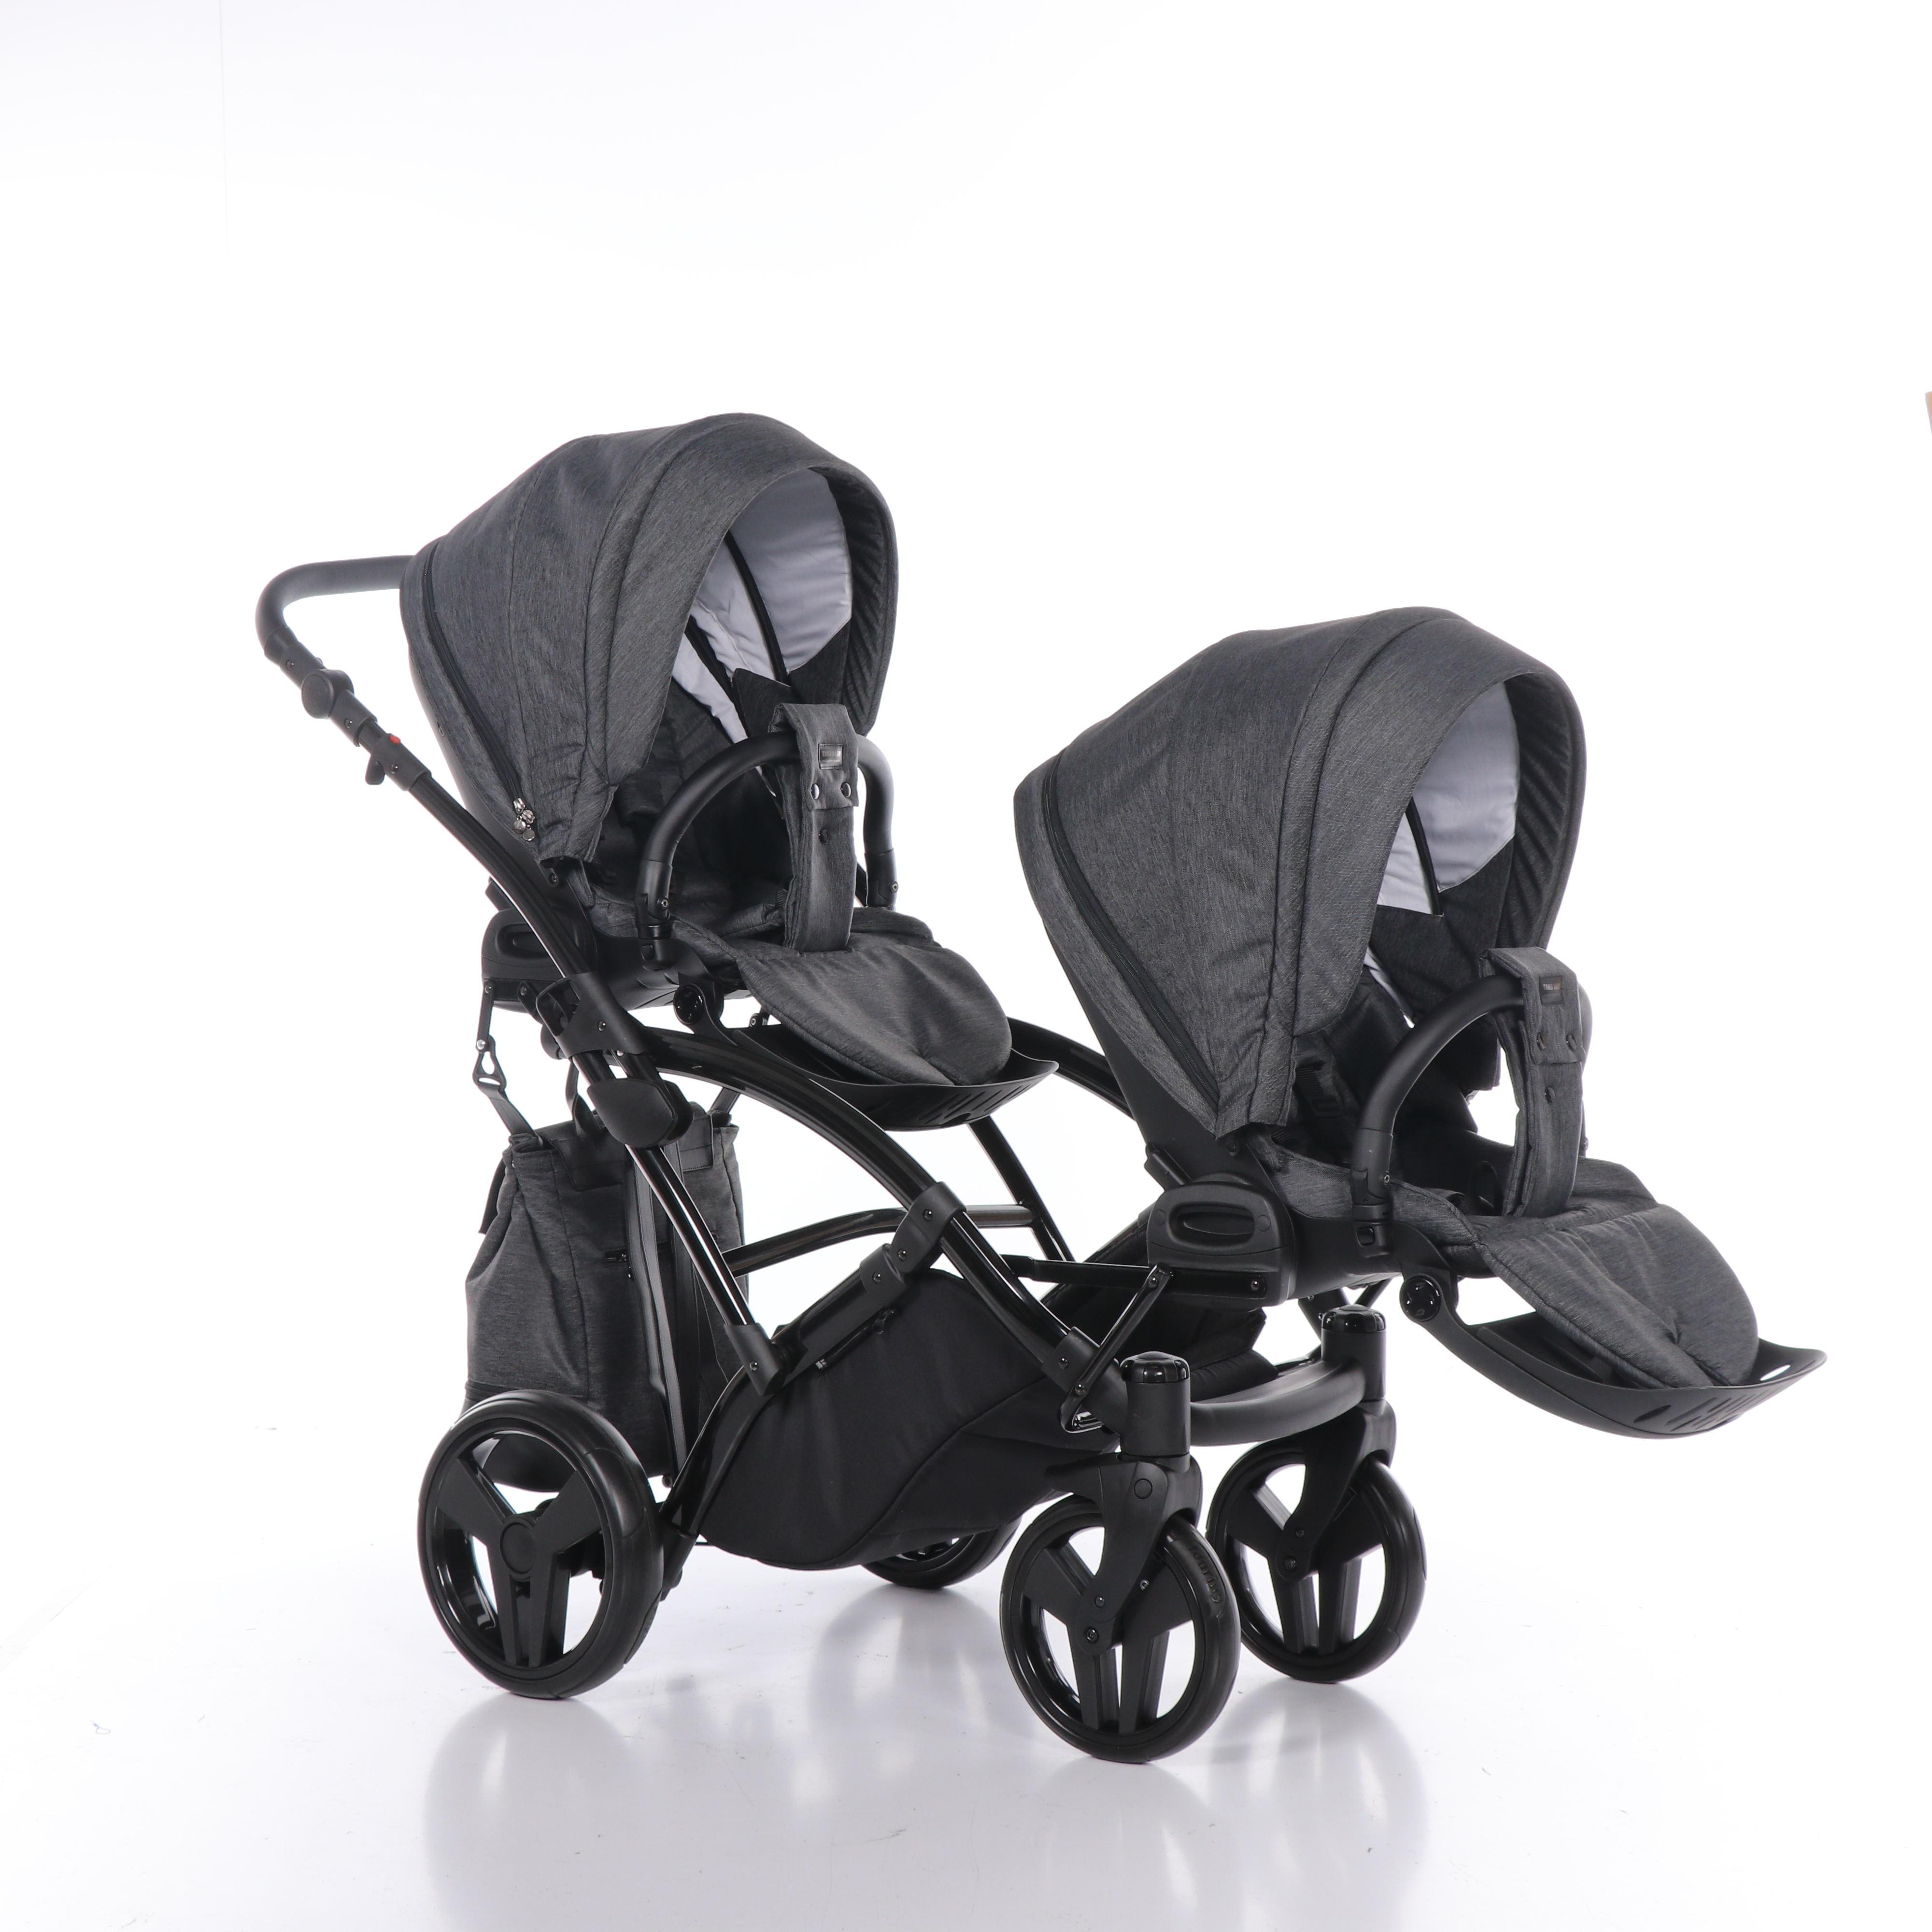 wózek bliźniaczy Artemo Duo Slim wielofunkcyjny dziecięcy Tako spacerówka 2w1